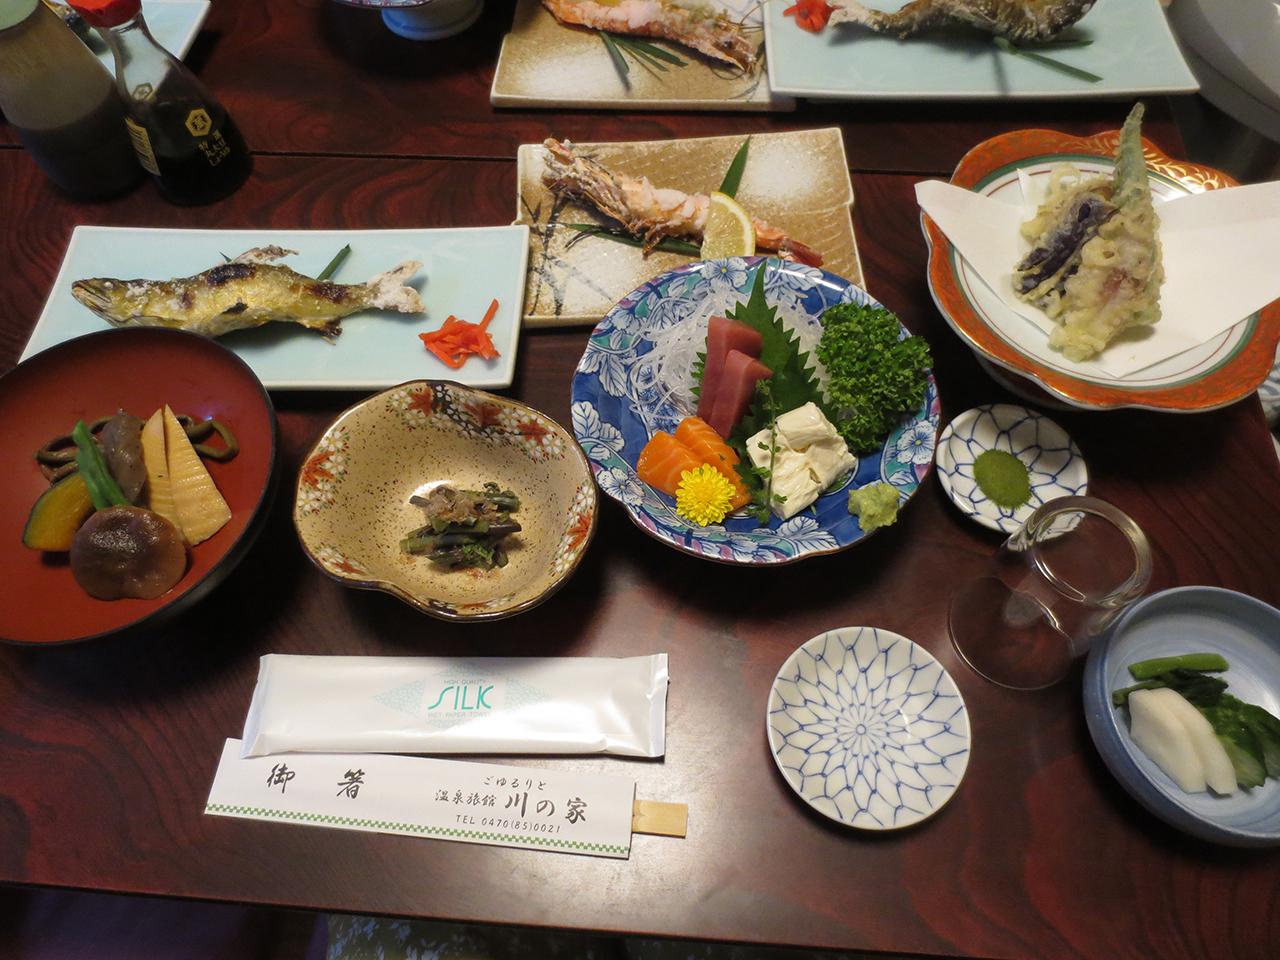 鮎の塩焼きがメインの夕食の写真